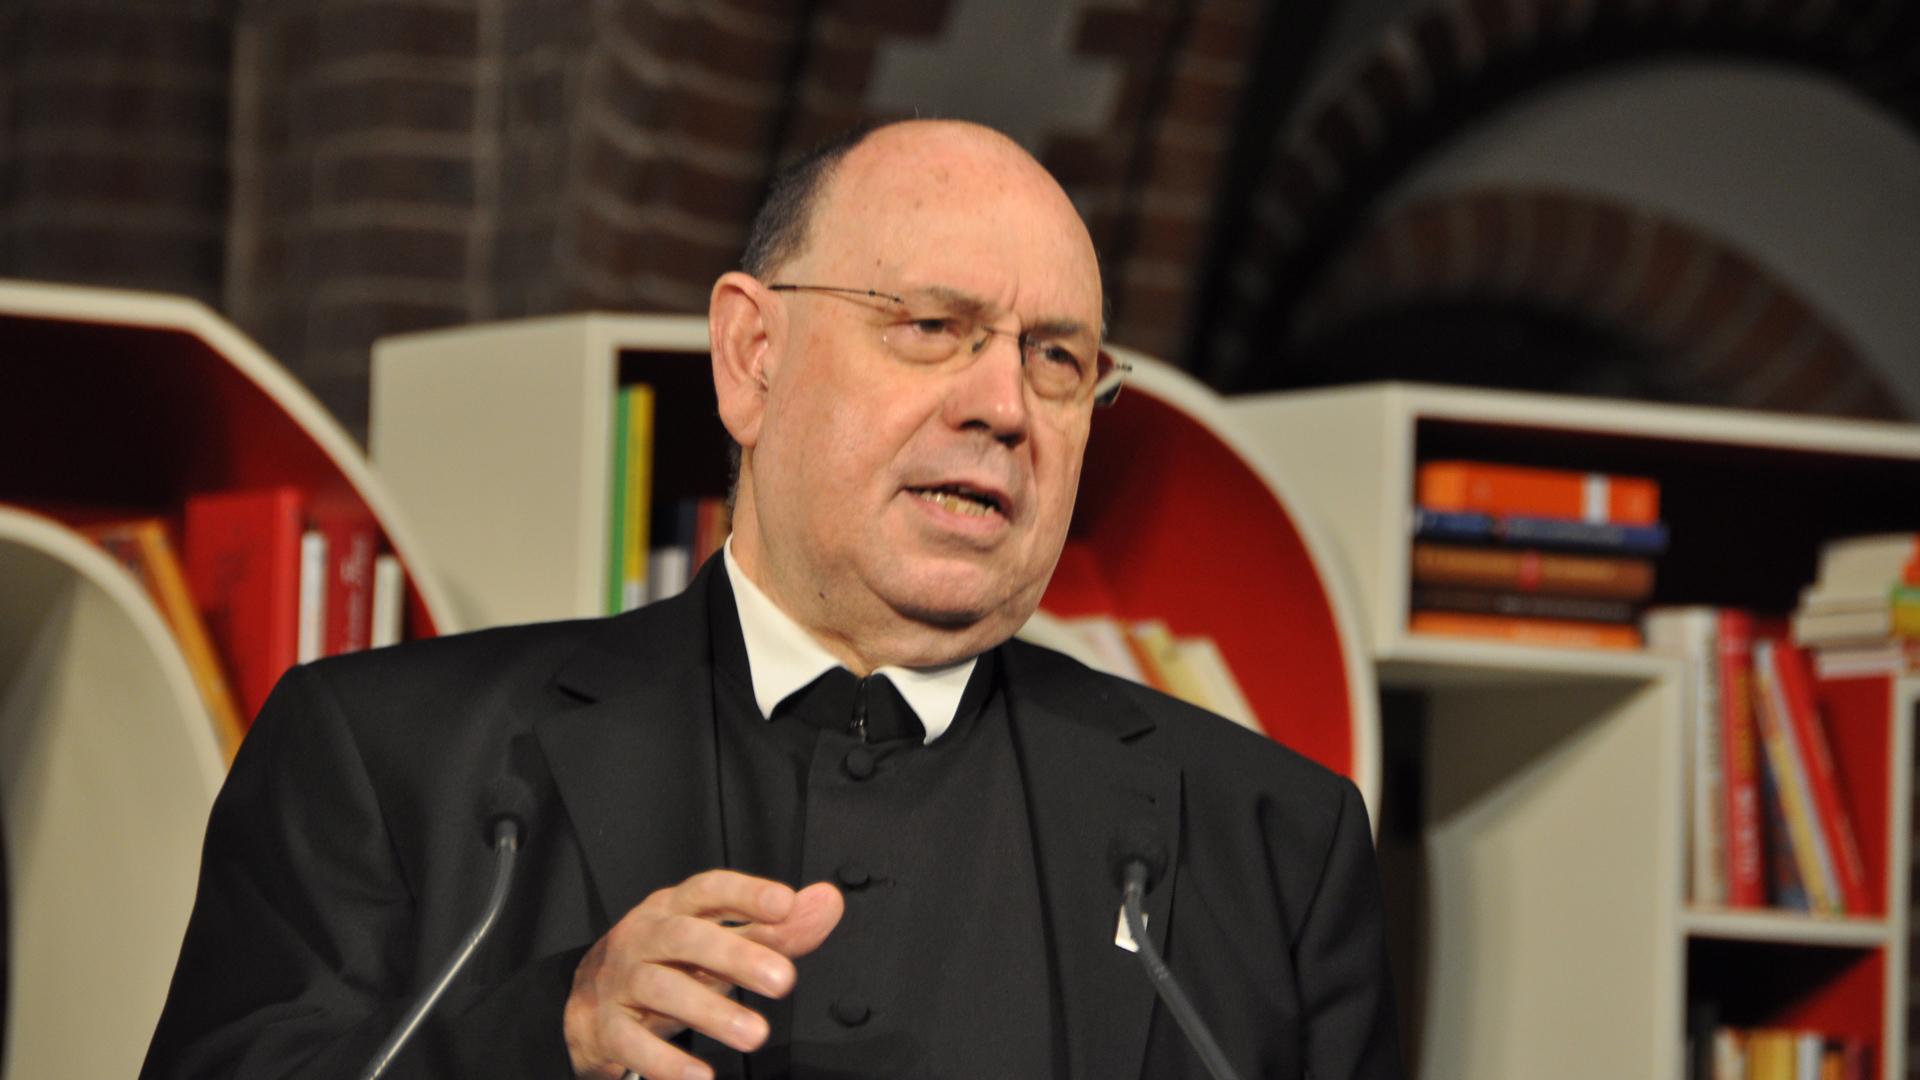 Am 3. Spetember feierte der ehemalige EKD-Ratsvorsitzende Nikolaus Schneider seinen 70. Geburtstag